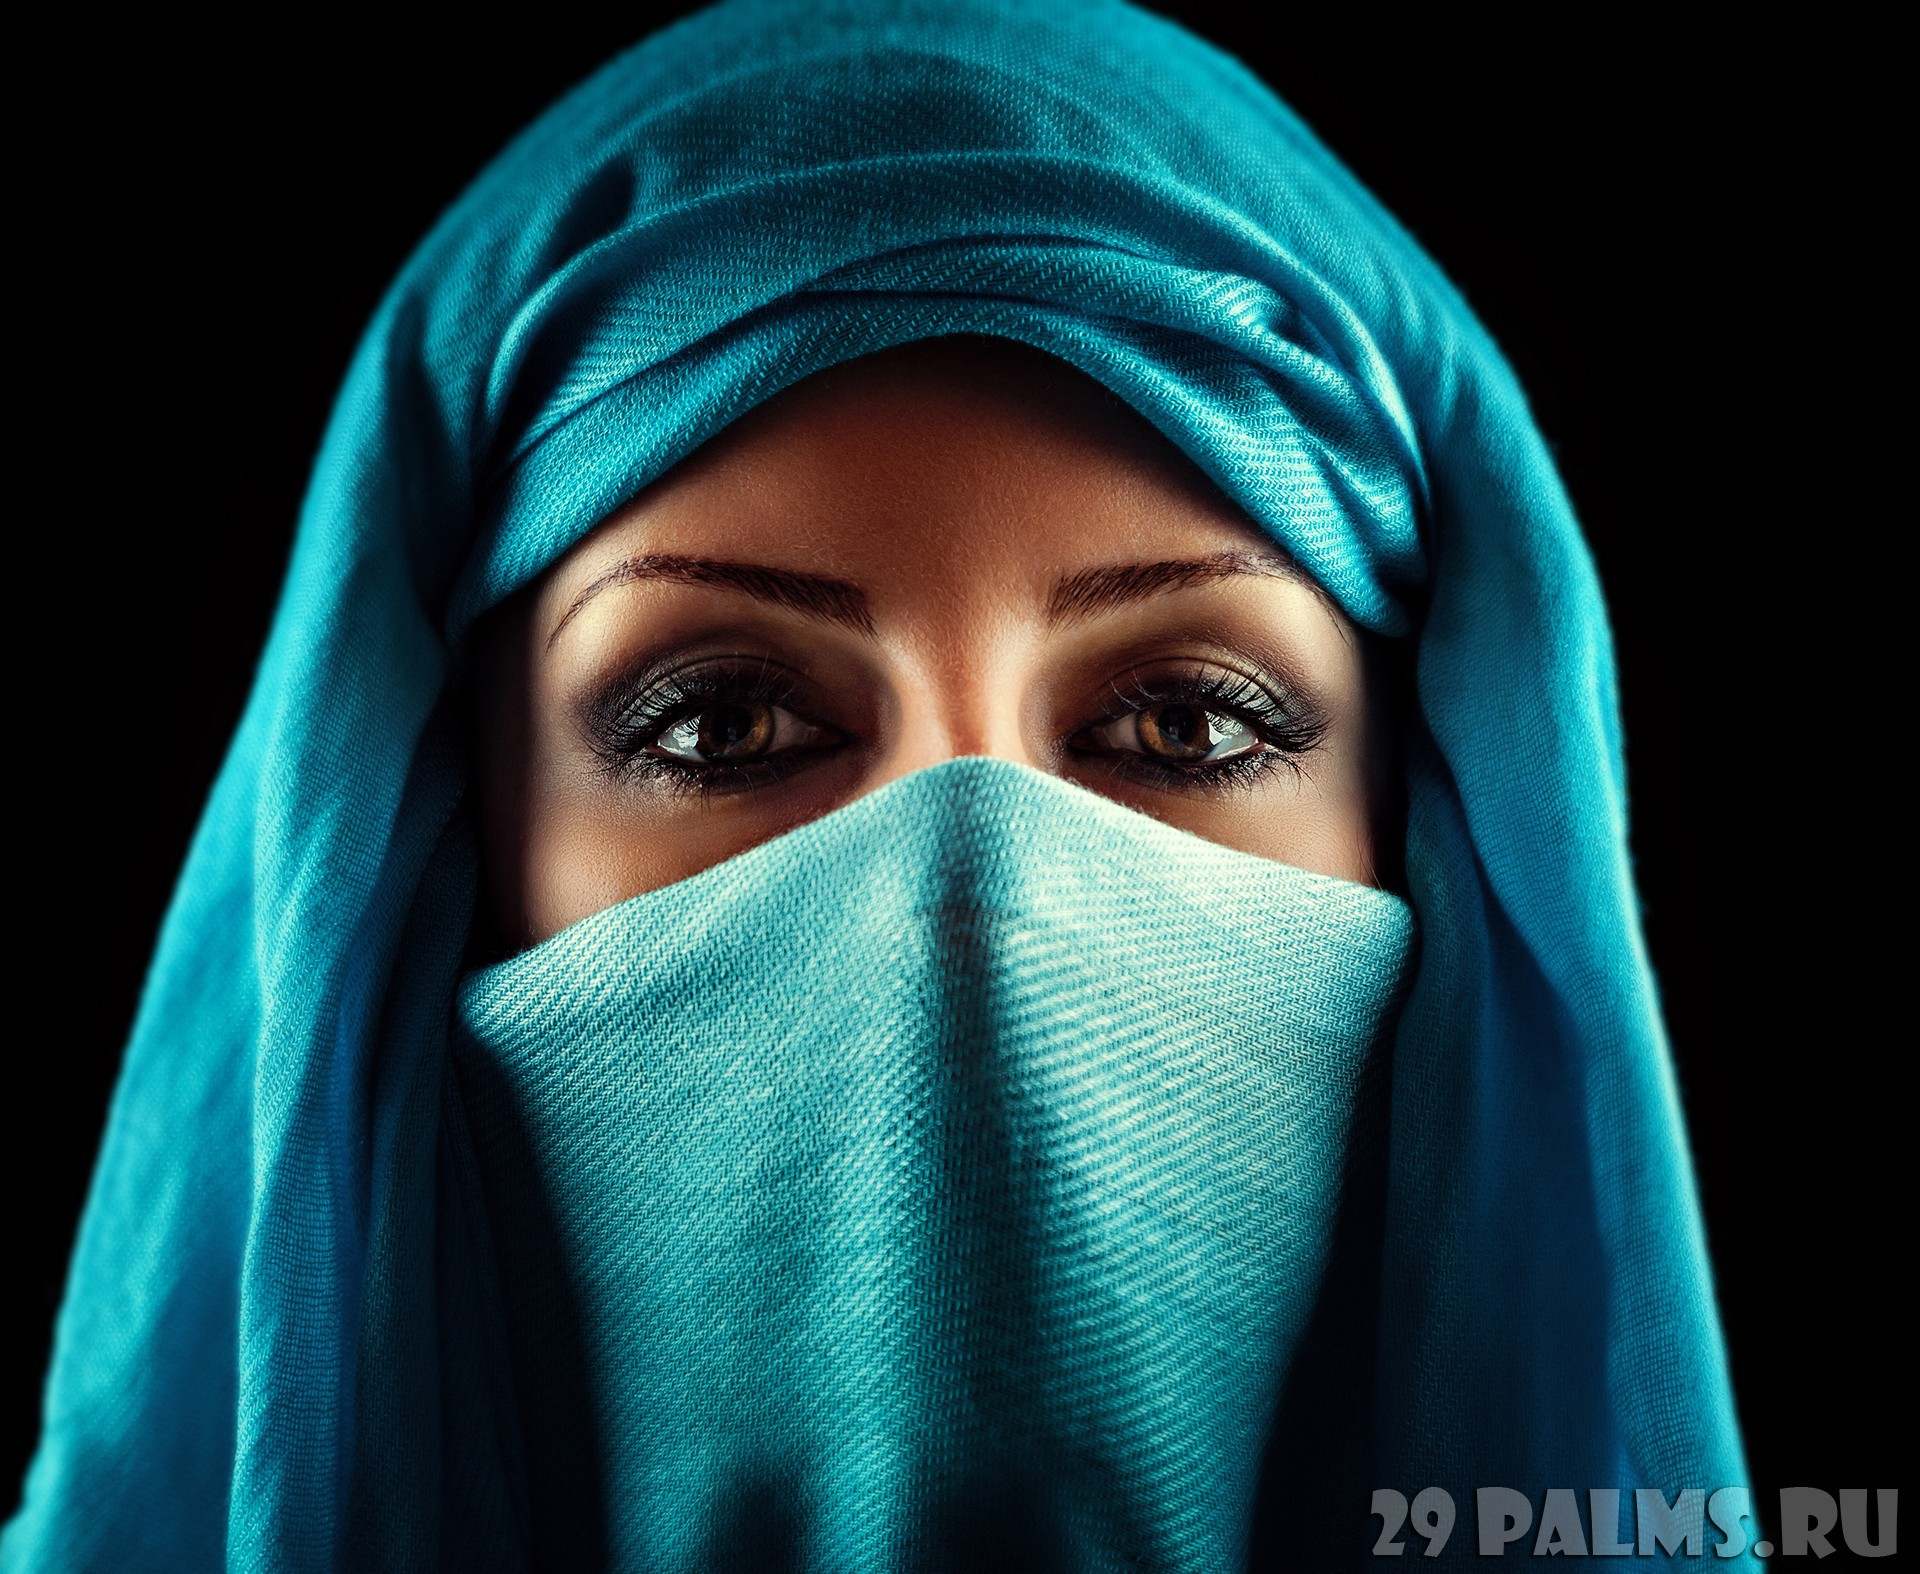 Сексуальной культуре арабских стран